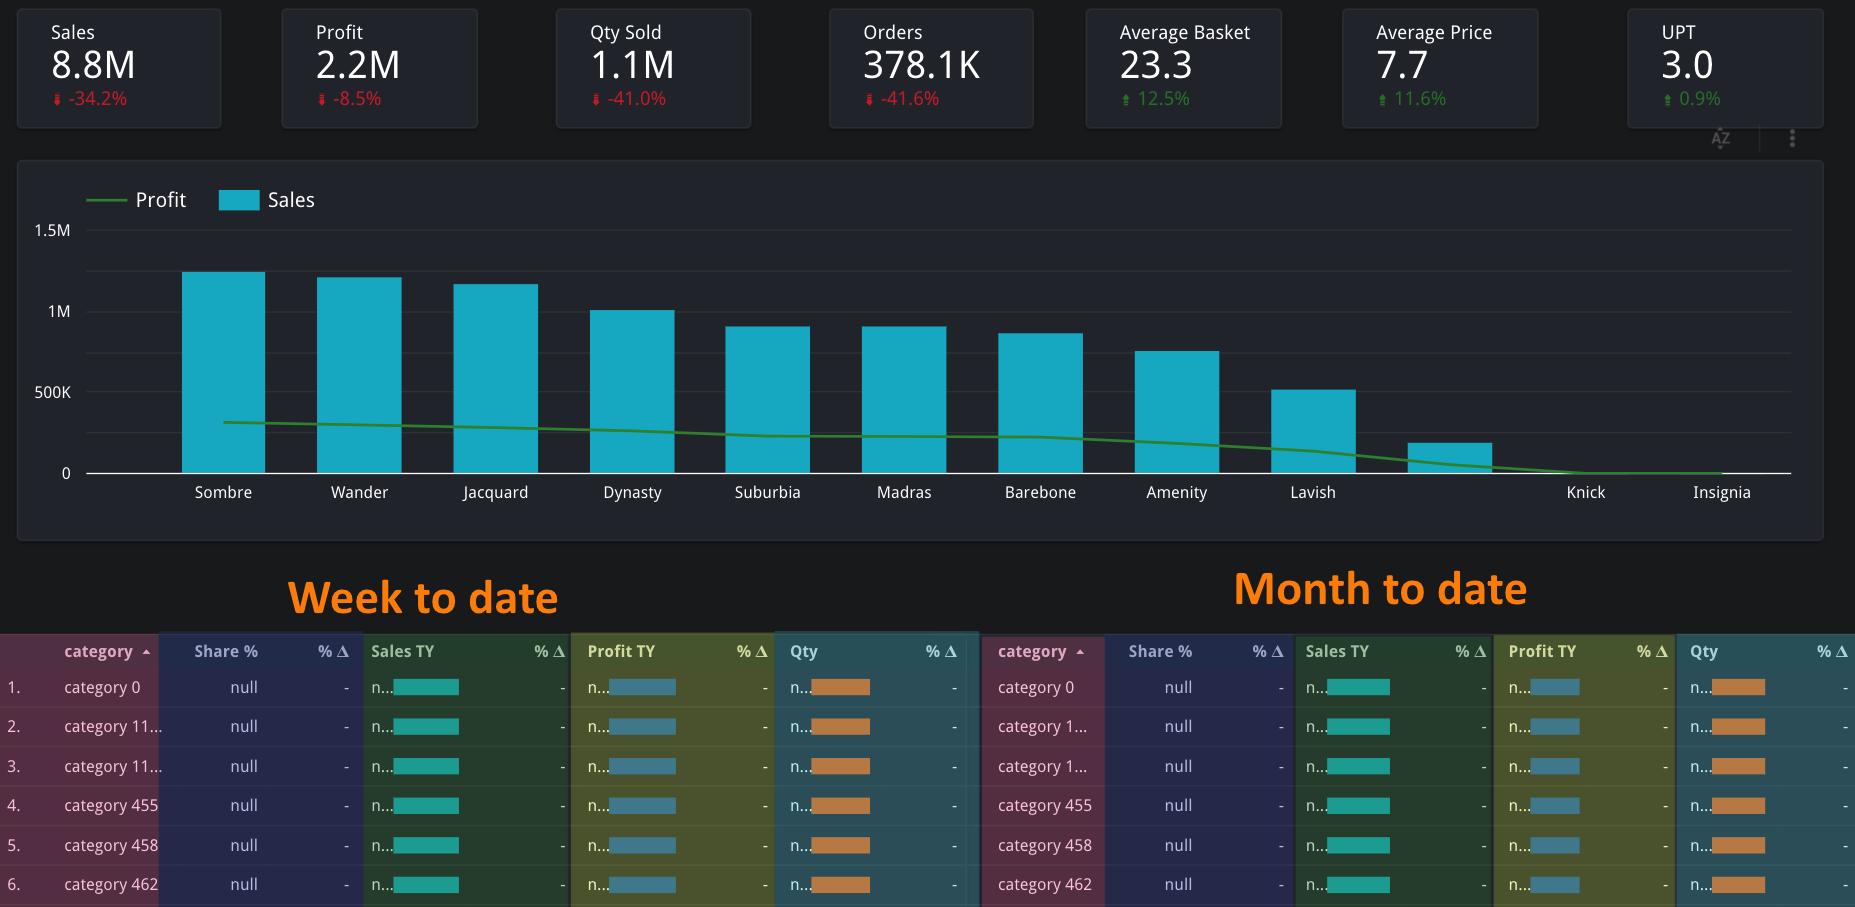 Sưu tầm mẫu báo cáo kinh doanh chuỗi cửa hàng bán lẻ bằng Google Data Studio